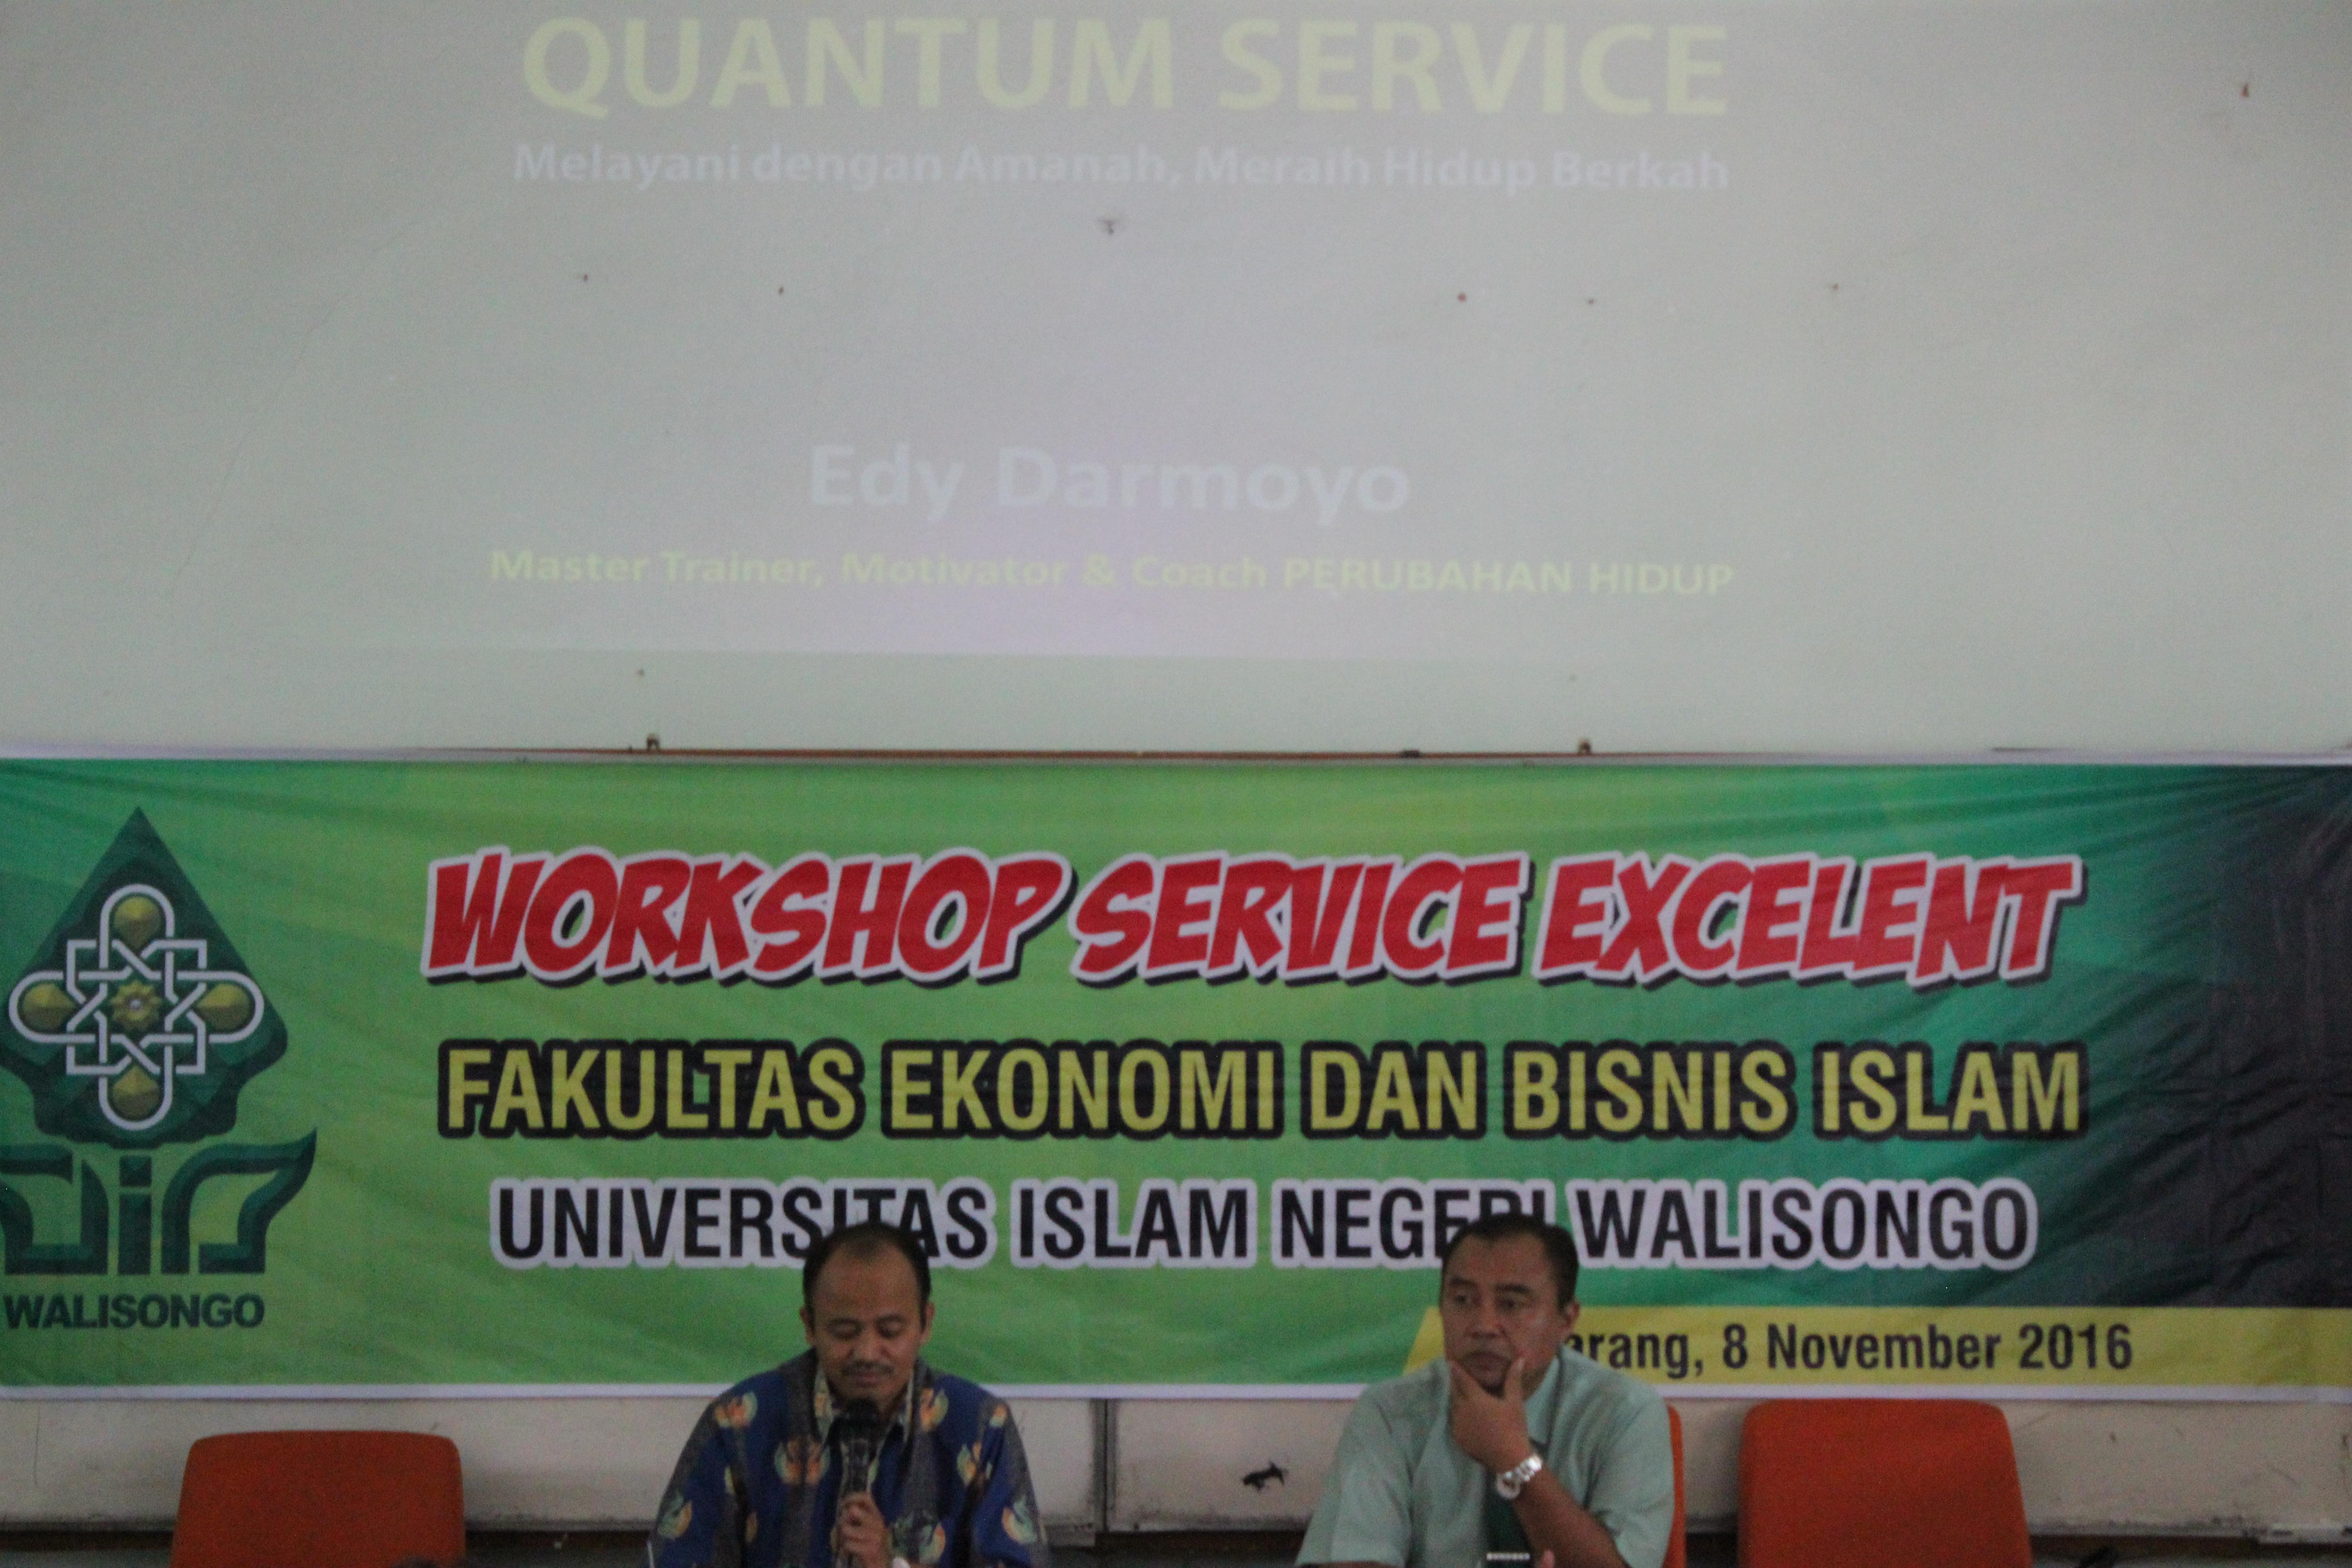 Tingkatkan Layanan Prima Dengan Workshop Service Excelent